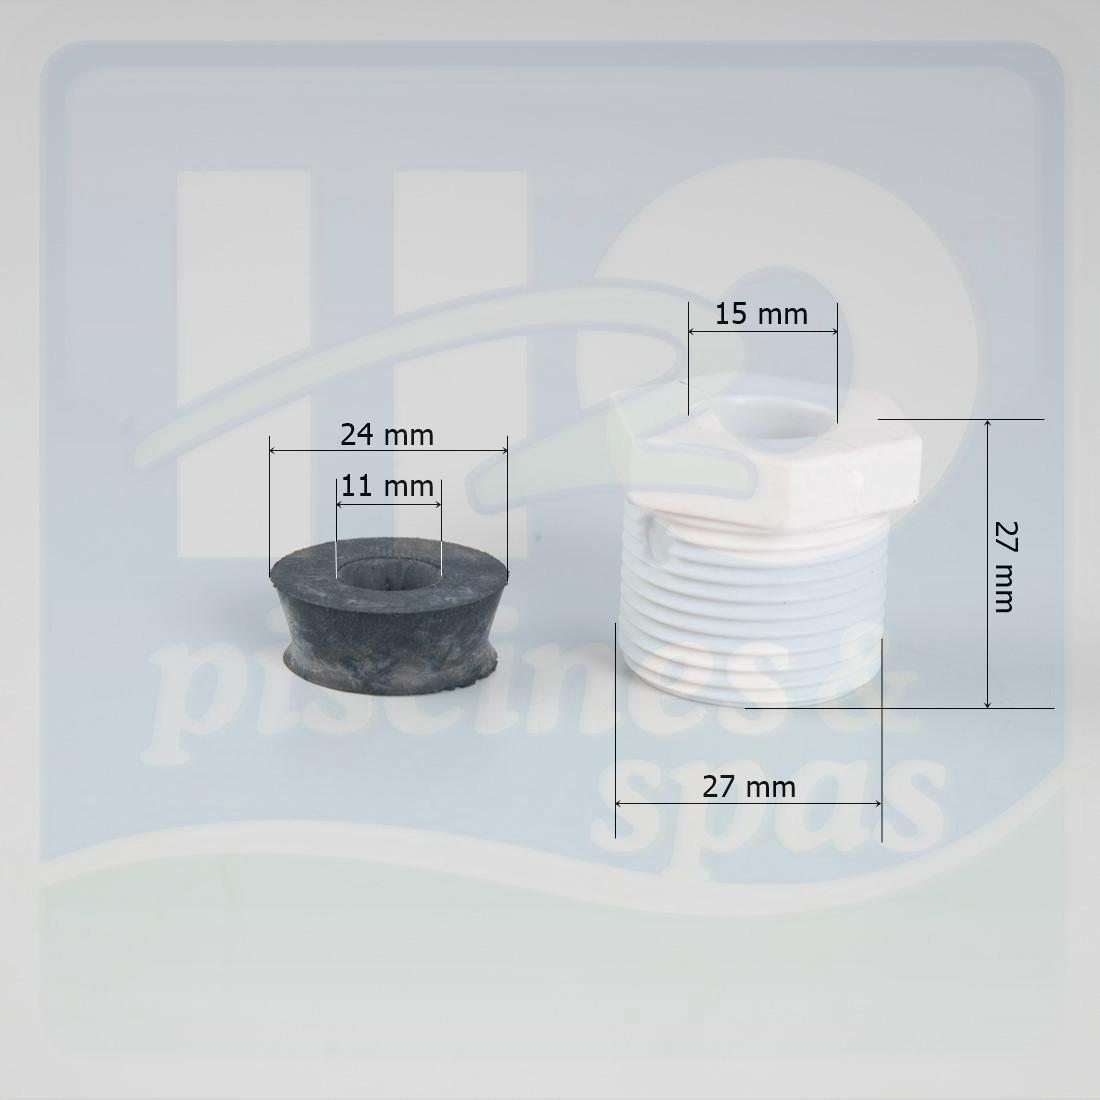 Presse toupe pour projecteur weltico nouveau modle h2o for Presse etoupe projecteur piscine